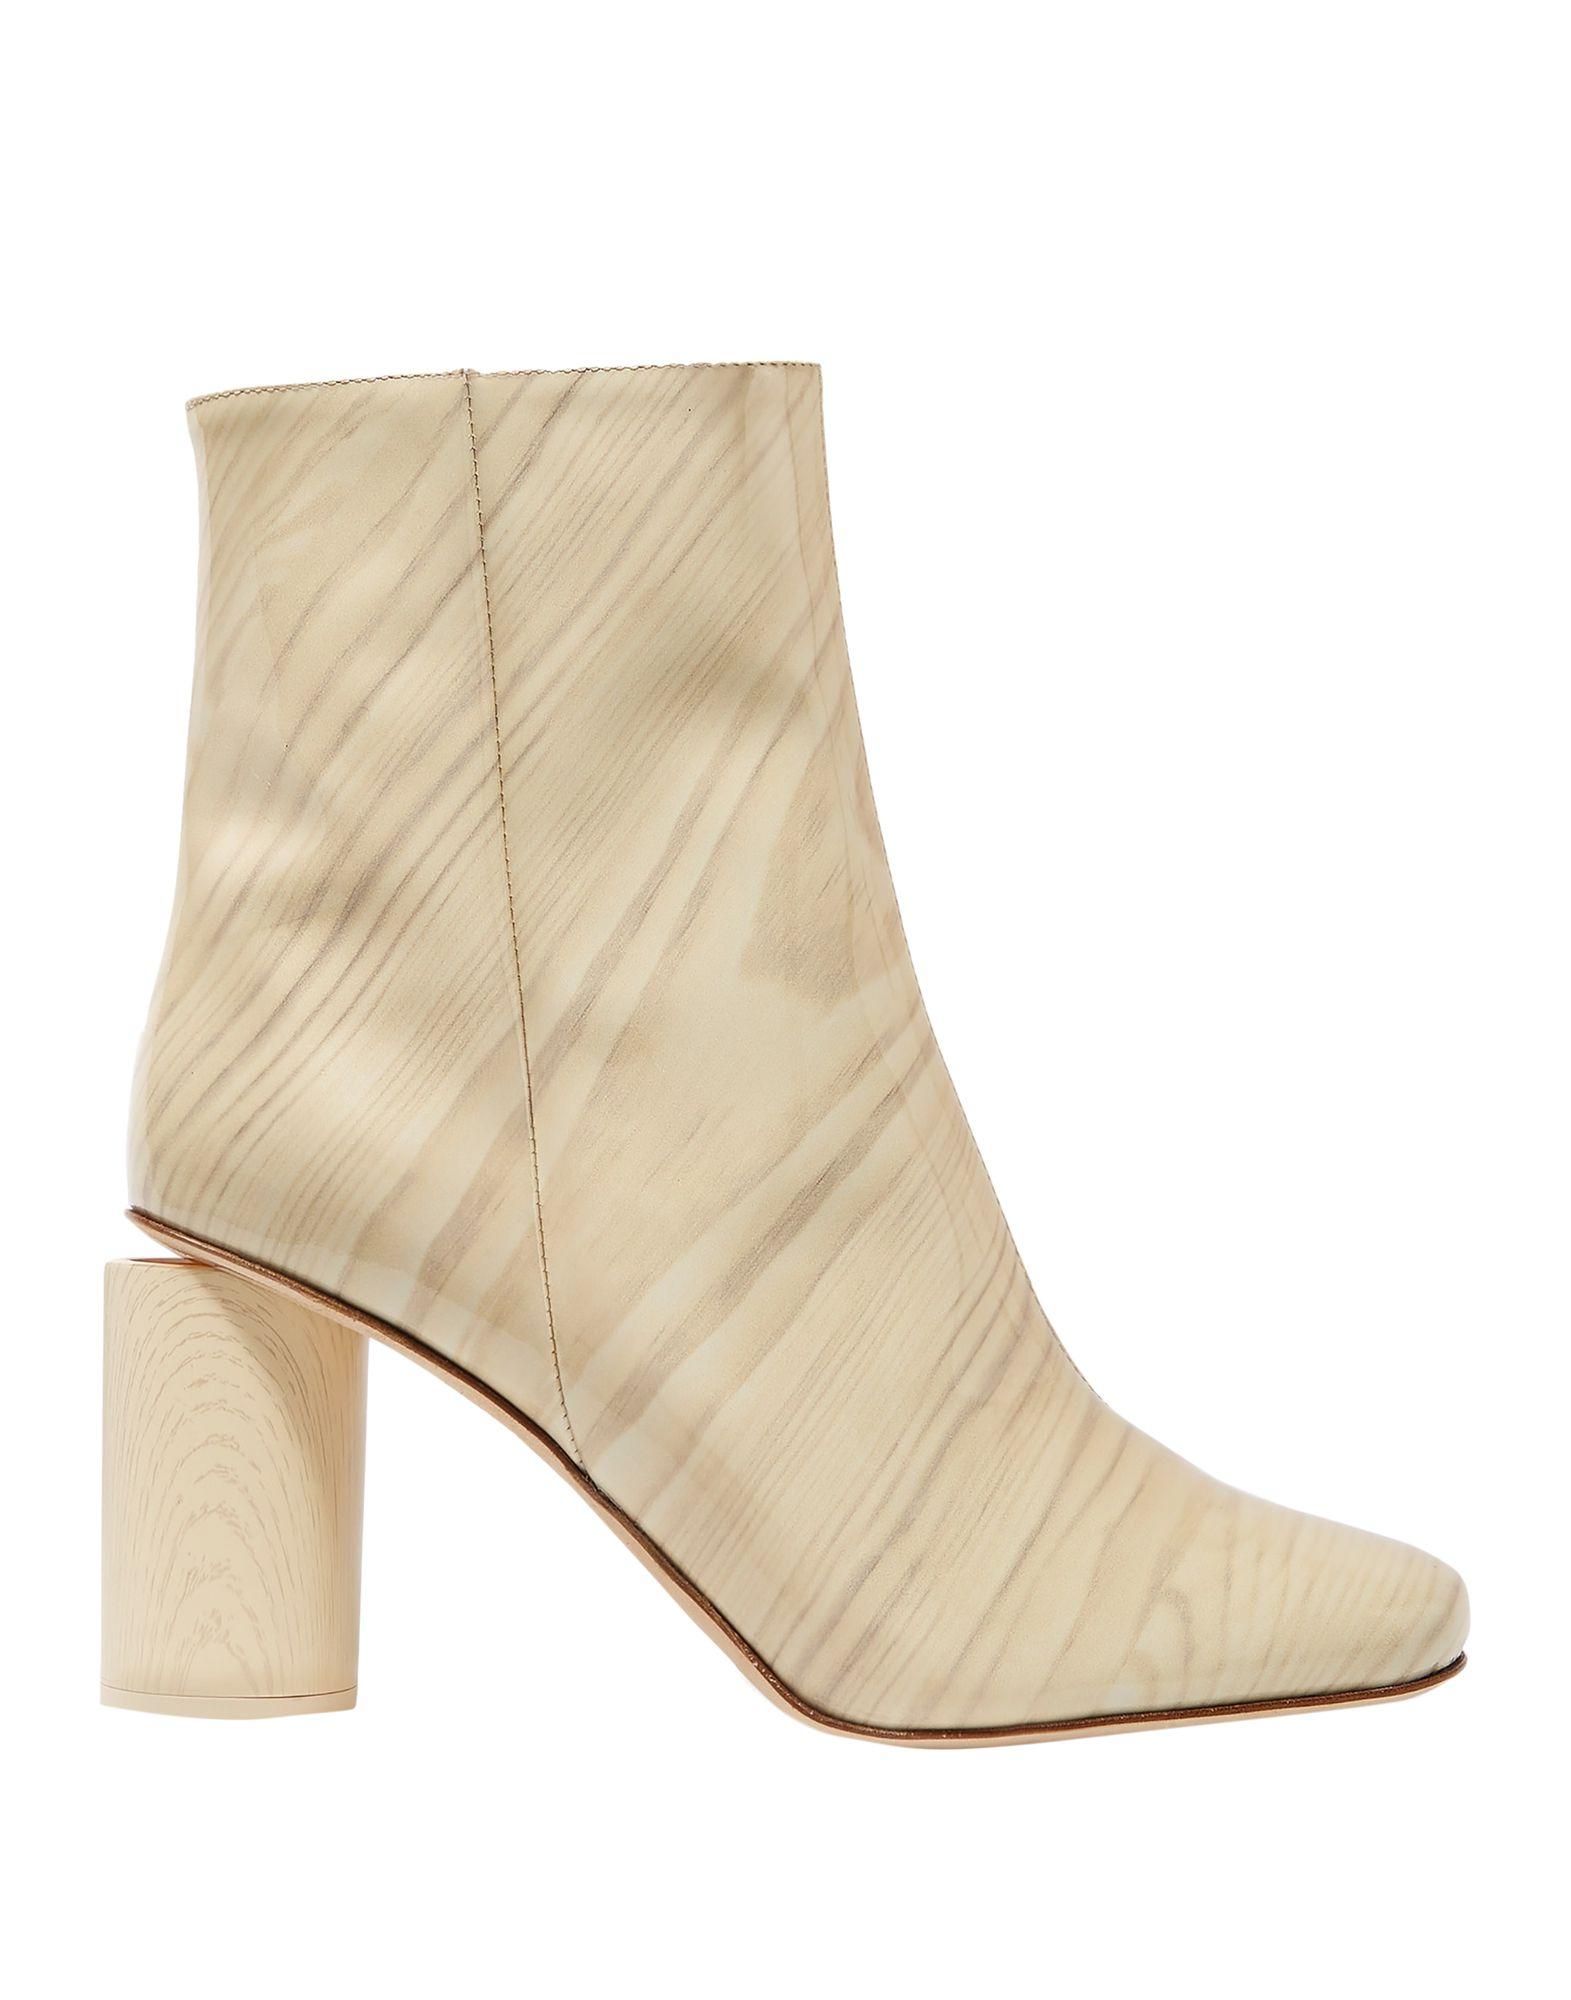 0b43a33d1 Buy acne studios shoes for women - Best women's acne studios shoes shop -  Cools.com